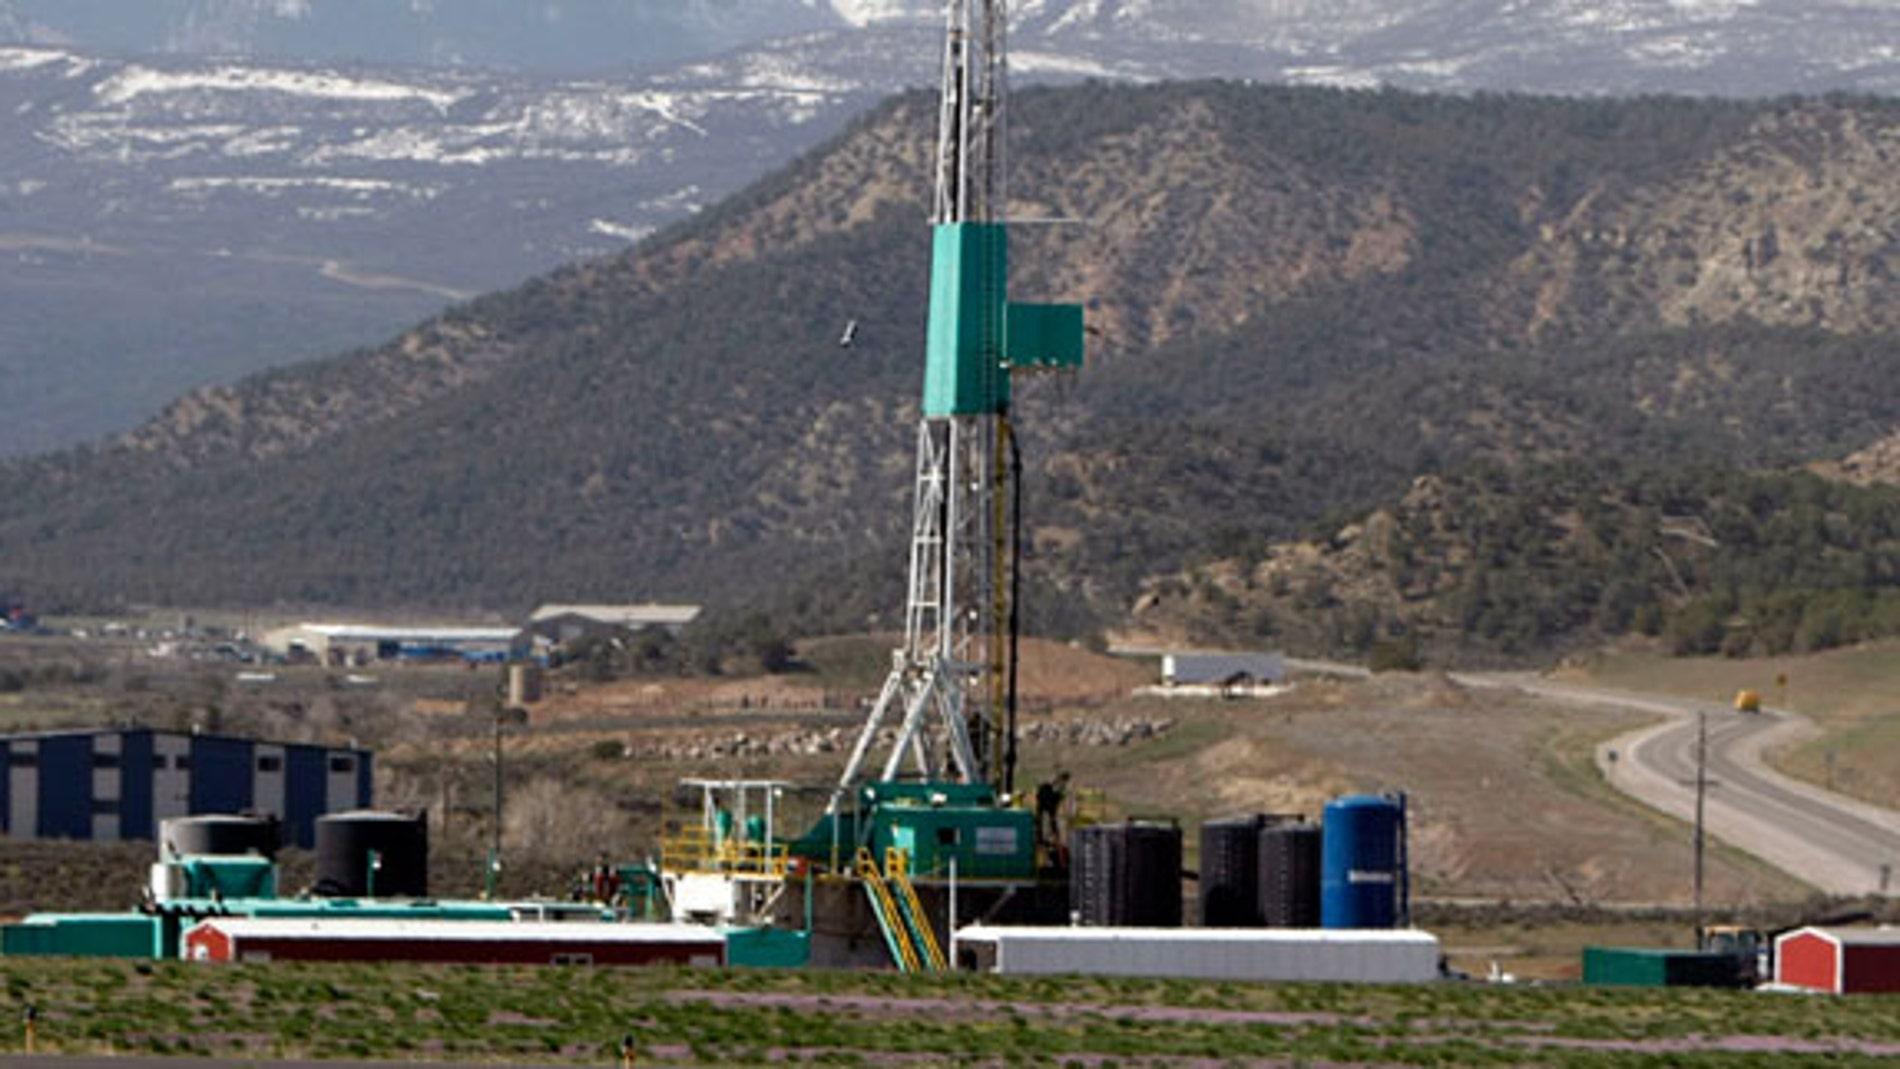 Extracción mediante fracking